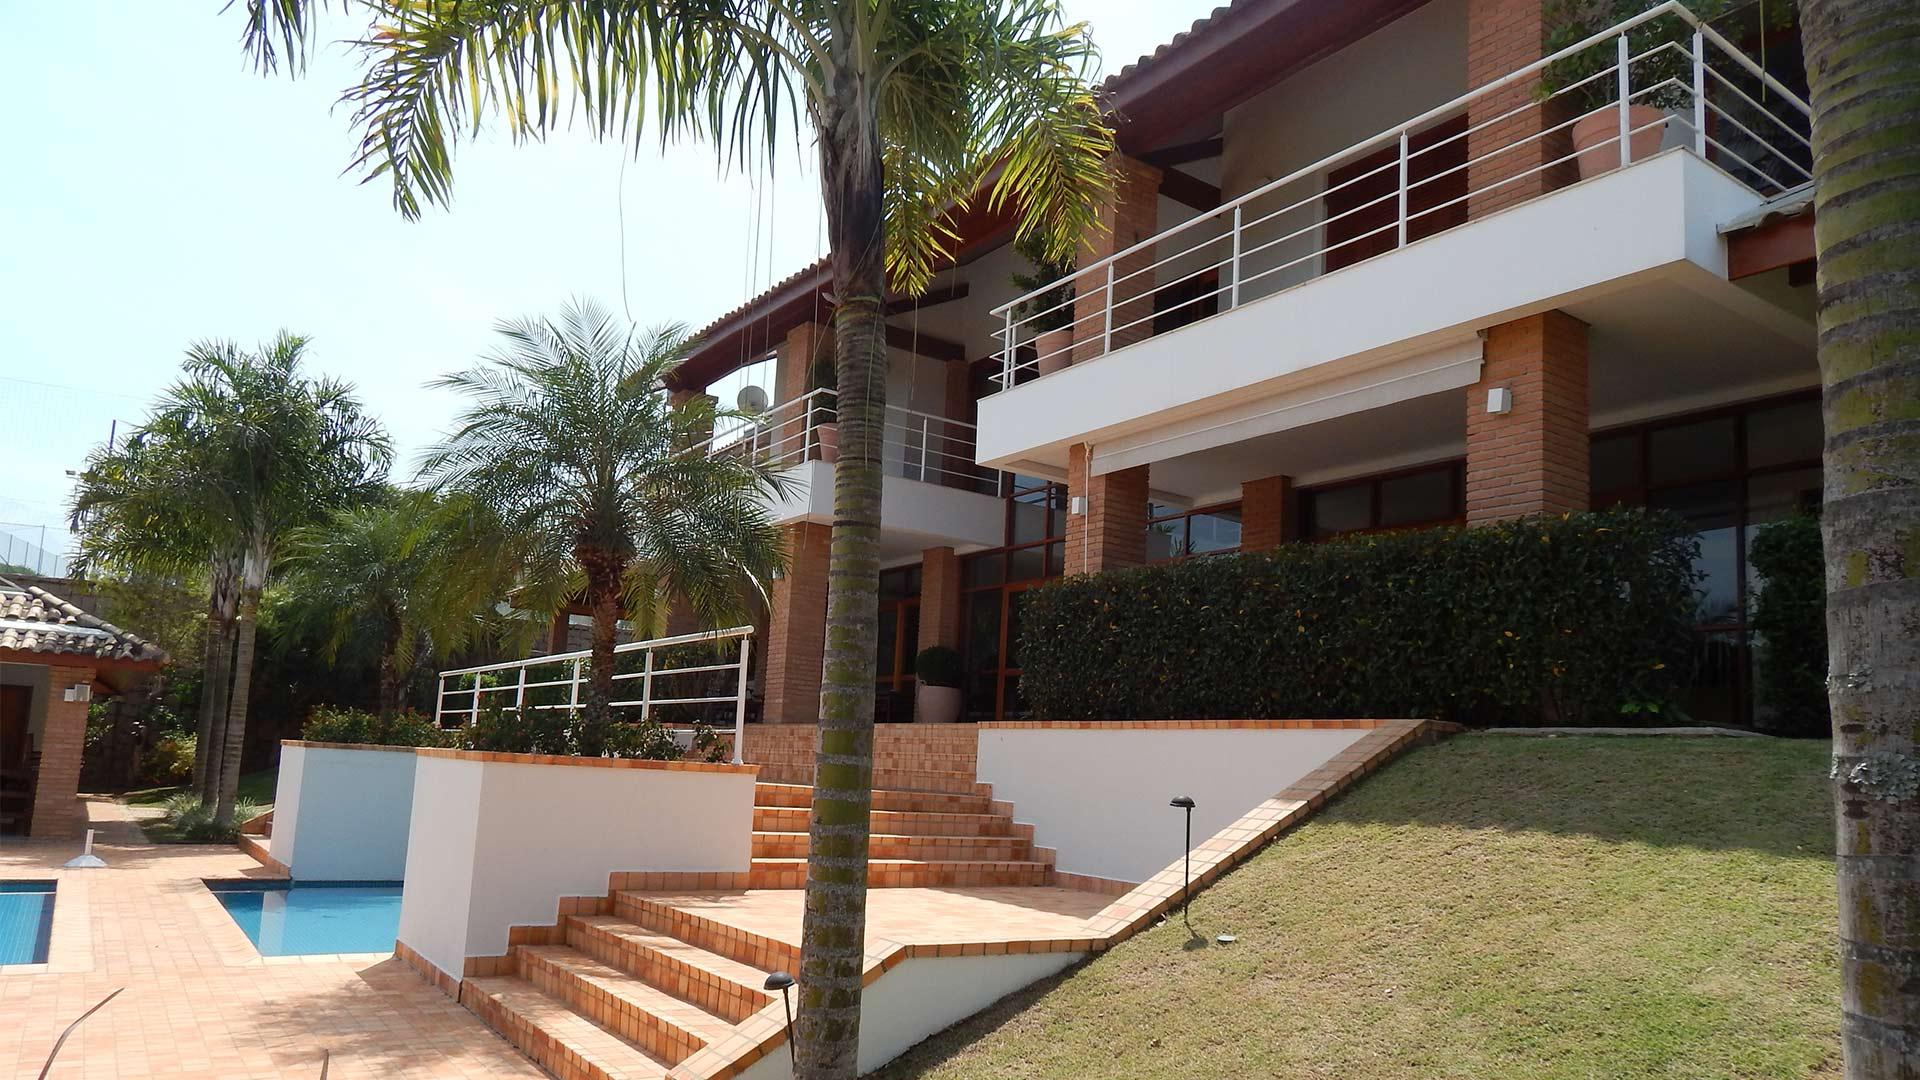 area-de-lazer-casa-picaparas-m3a-arquitetura-portfolio